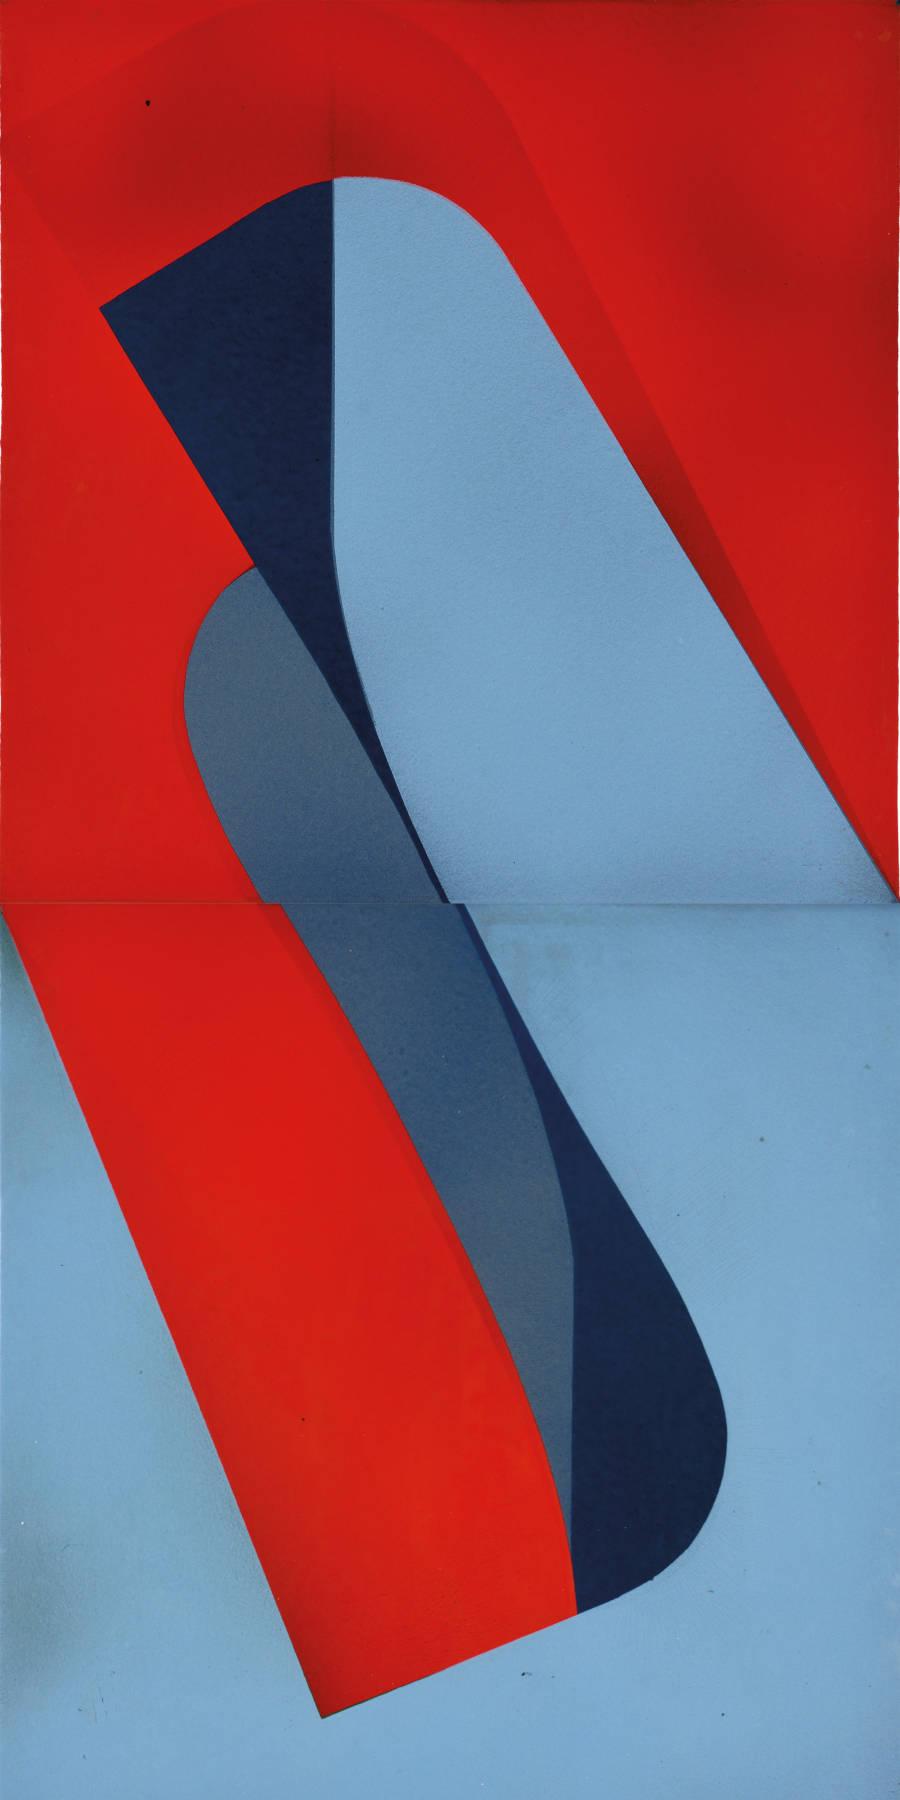 Kálmán Szijártó, Untitled, 1971. Enamel on iron plate 90 x 45 cm, 35 1/2 x 17 3/4 inches